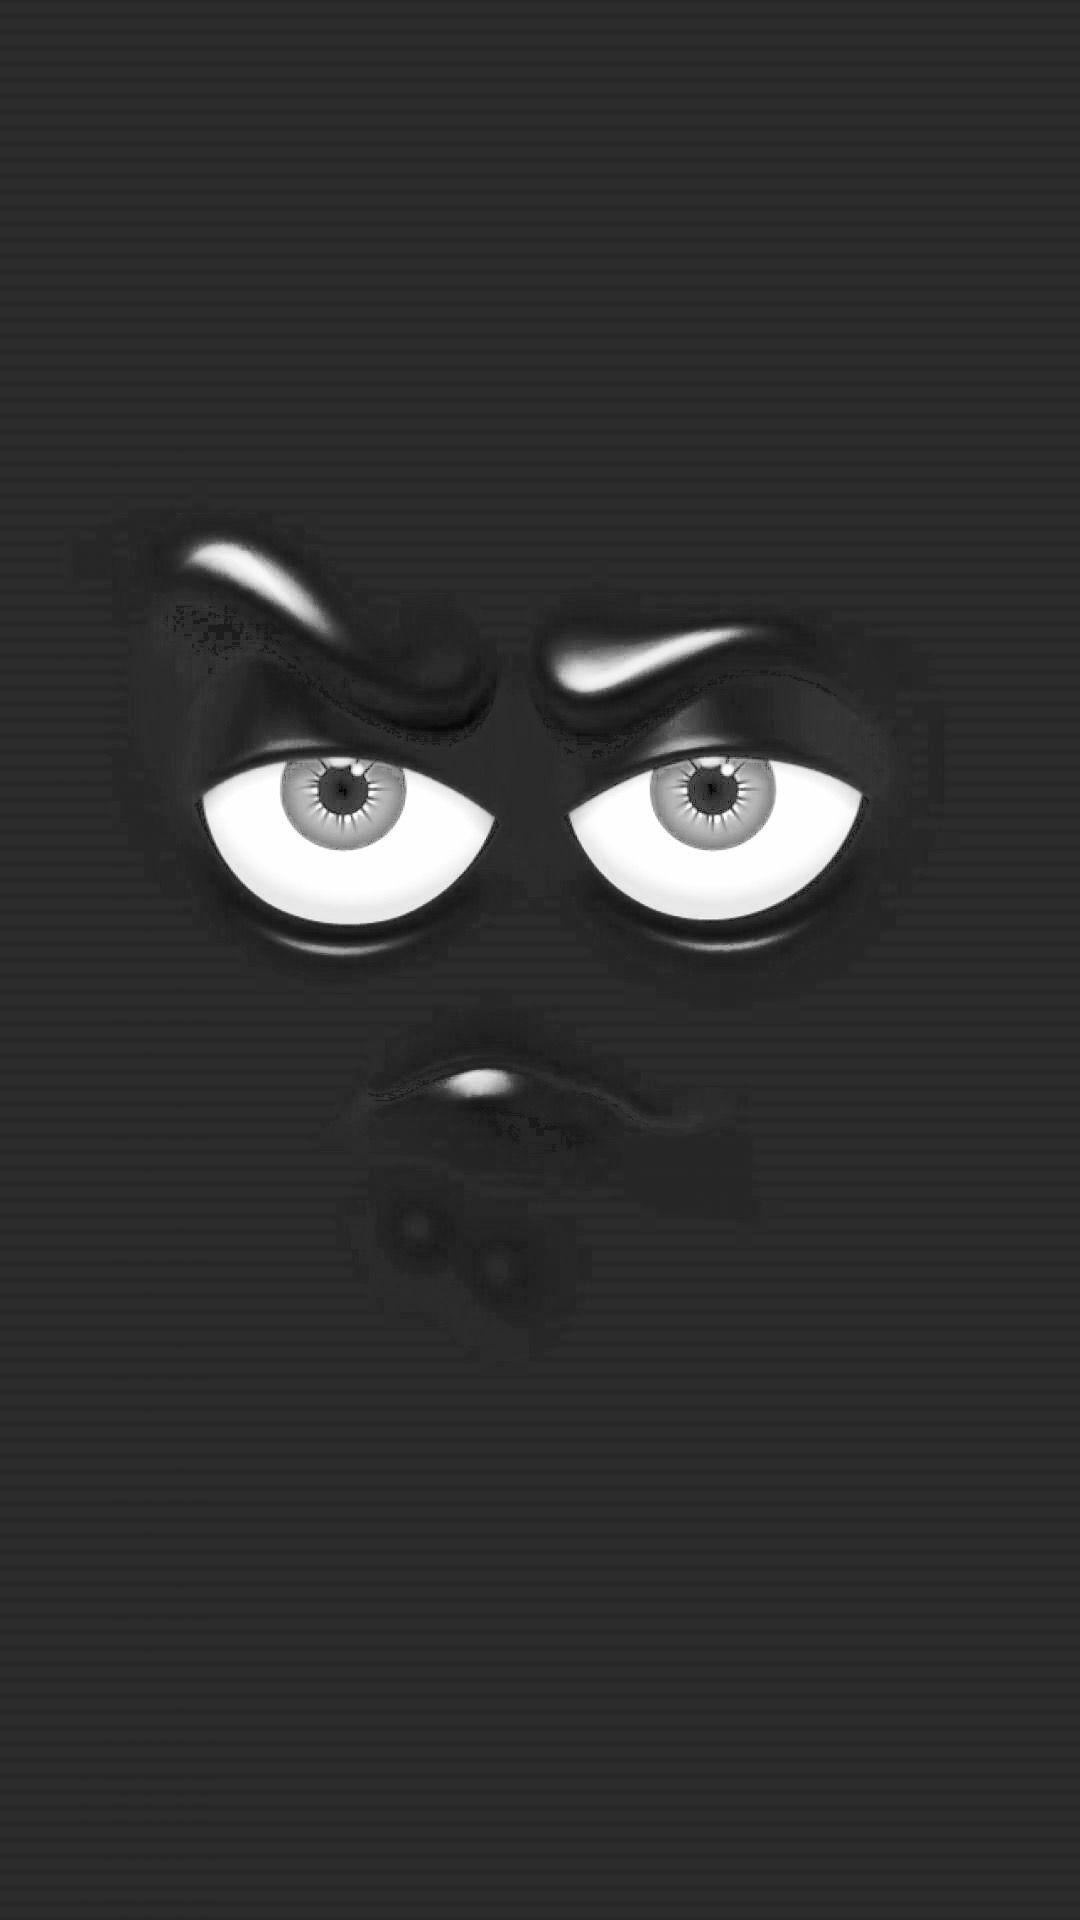 Black Emoji Wallpapers - Wallpaper Cave